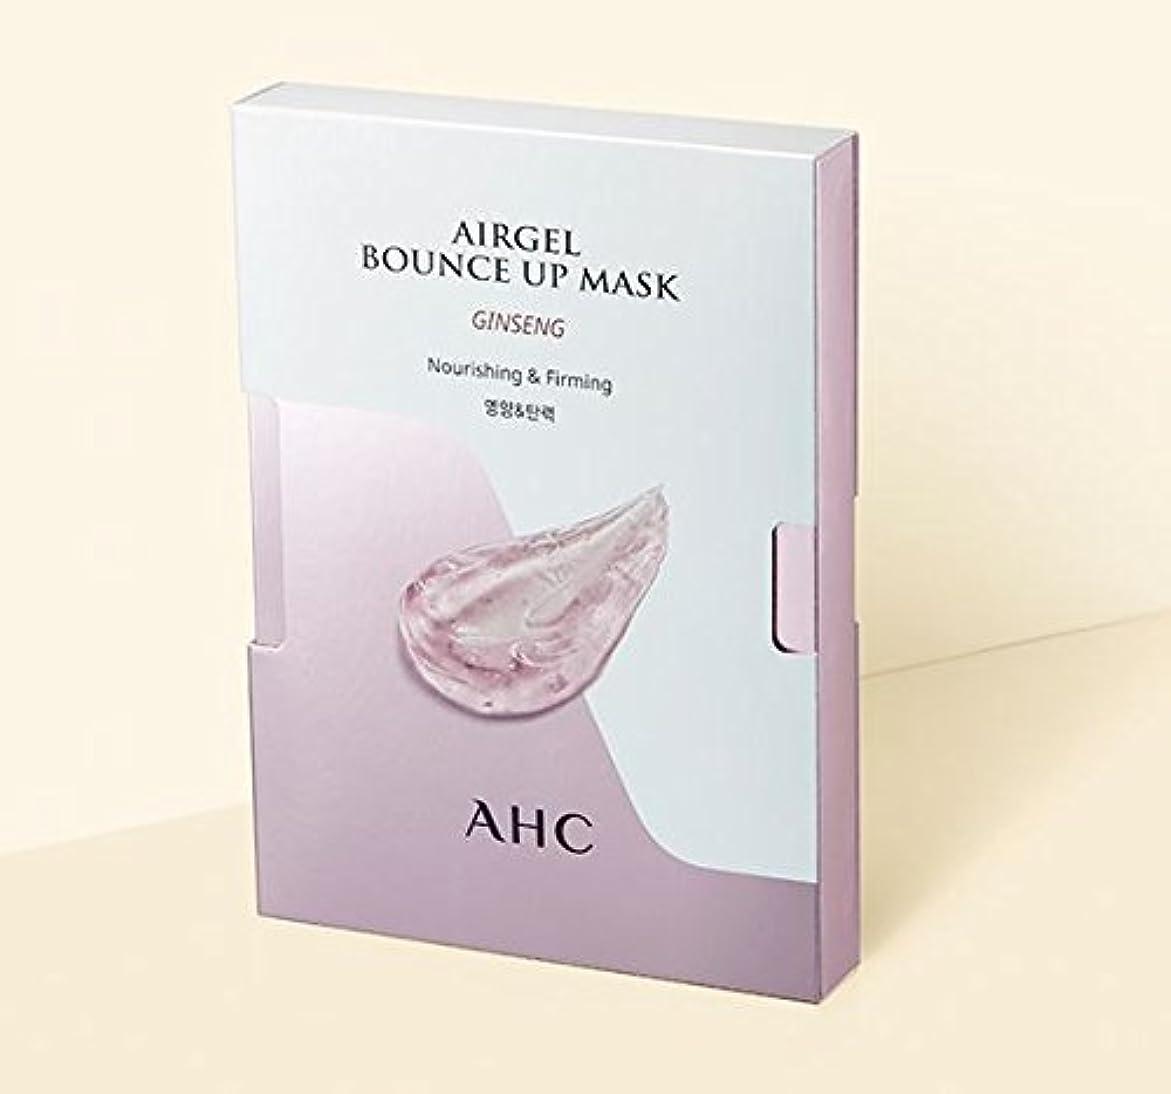 スツールキロメートル加入[A.H.C] Airgel Bounce Up Mask GINSENG (Nourishing&Firming)30g*5sheet/ジンセンエアゲルマスク30g*5枚 [並行輸入品]